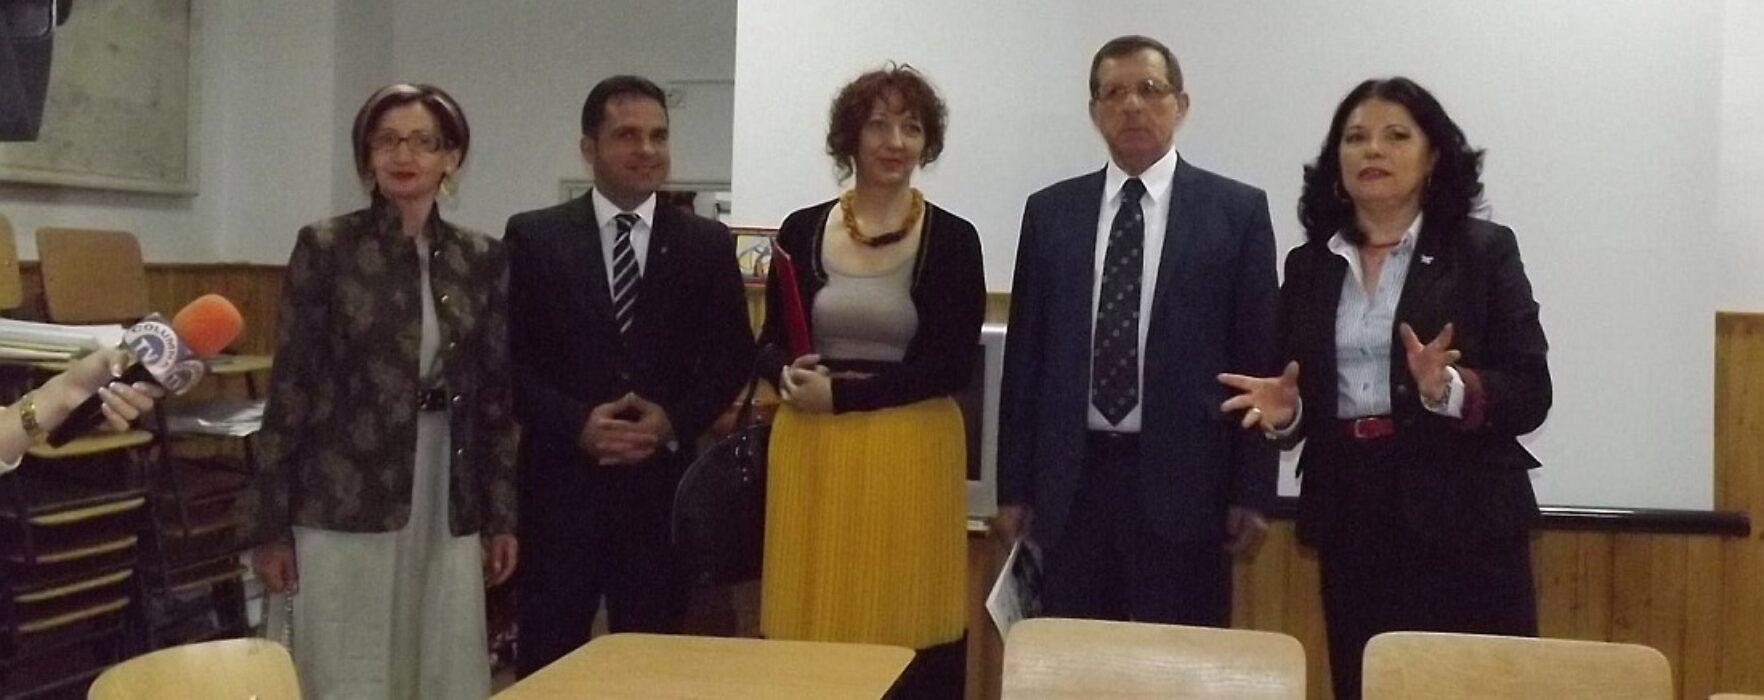 Au fost finalizate lucrările de reabilitare a Colegiului Constantin Cantacuzino din Târgovişte